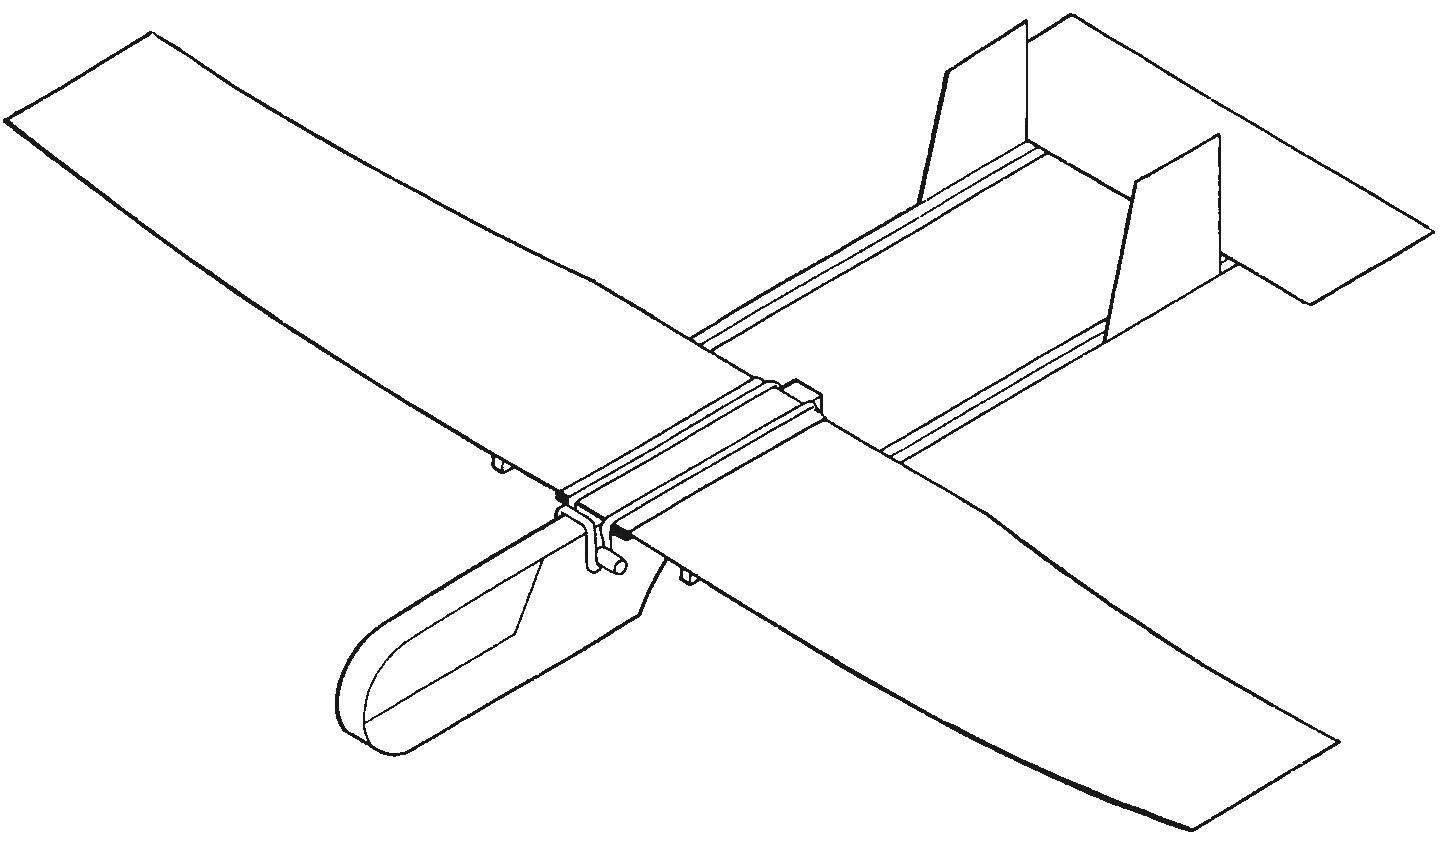 Модель метательного планера типа «Юниор»